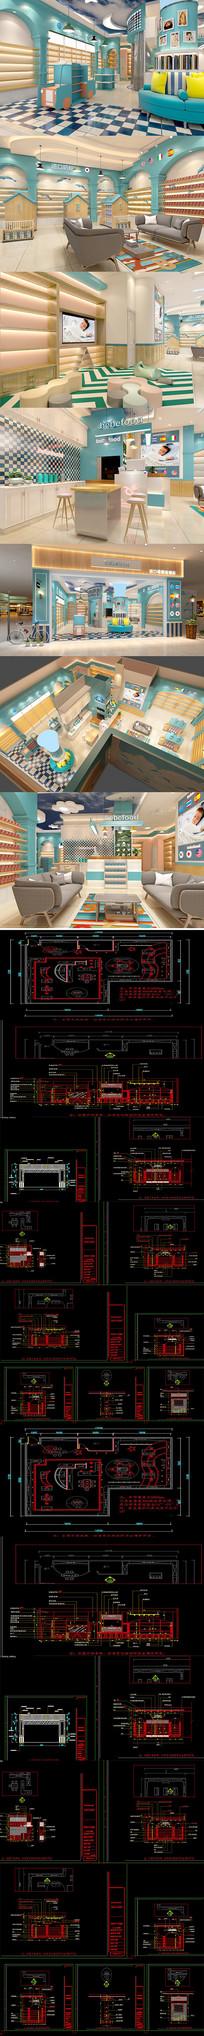 网红母婴奶粉店CAD施工图 效果图